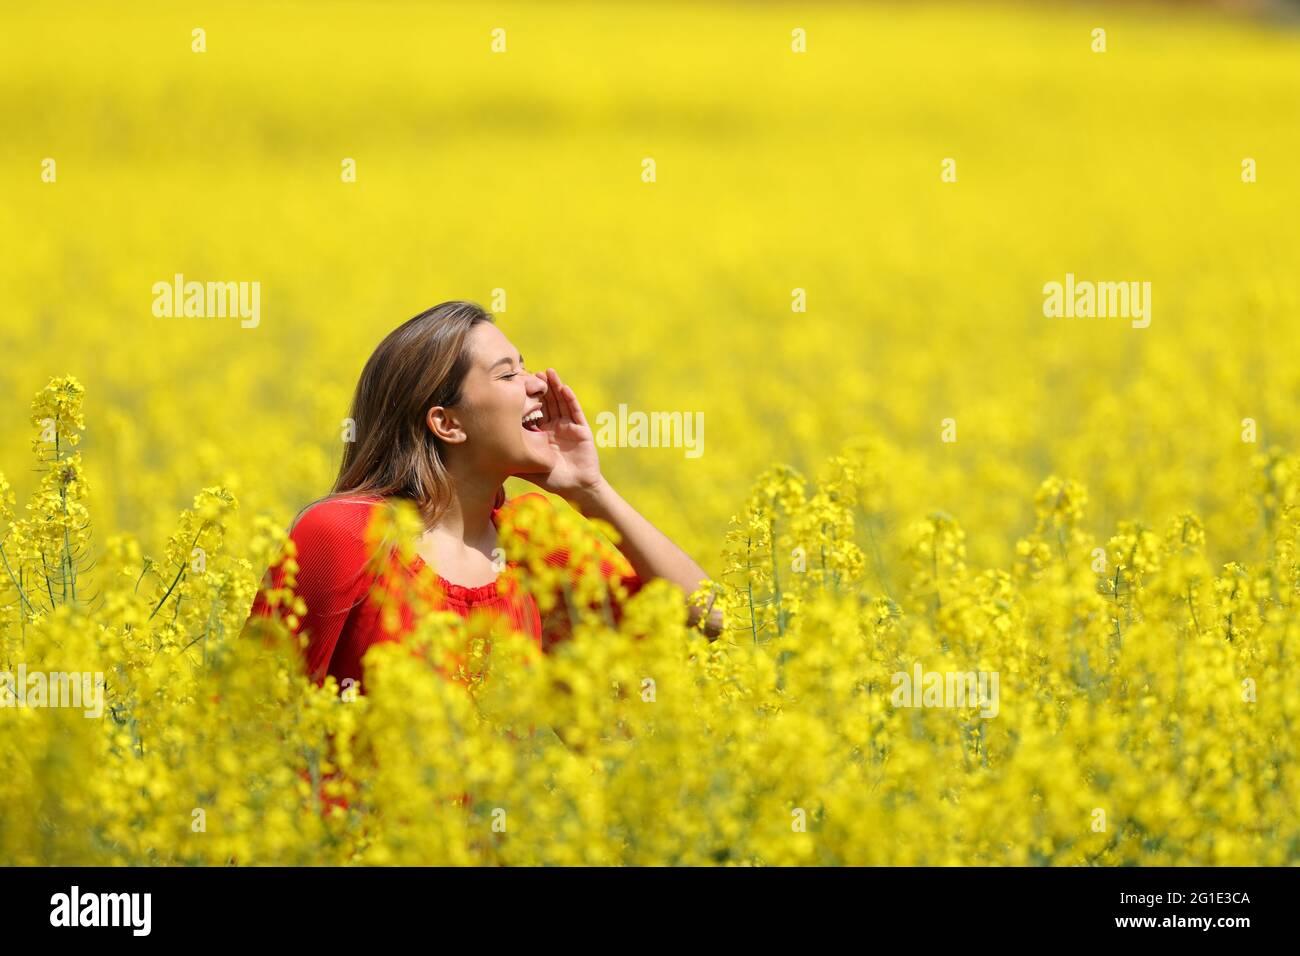 Seitenansicht Porträt einer glücklichen Frau in rot schreiend in einem gelben Feld in der Frühjahrssaison Stockfoto